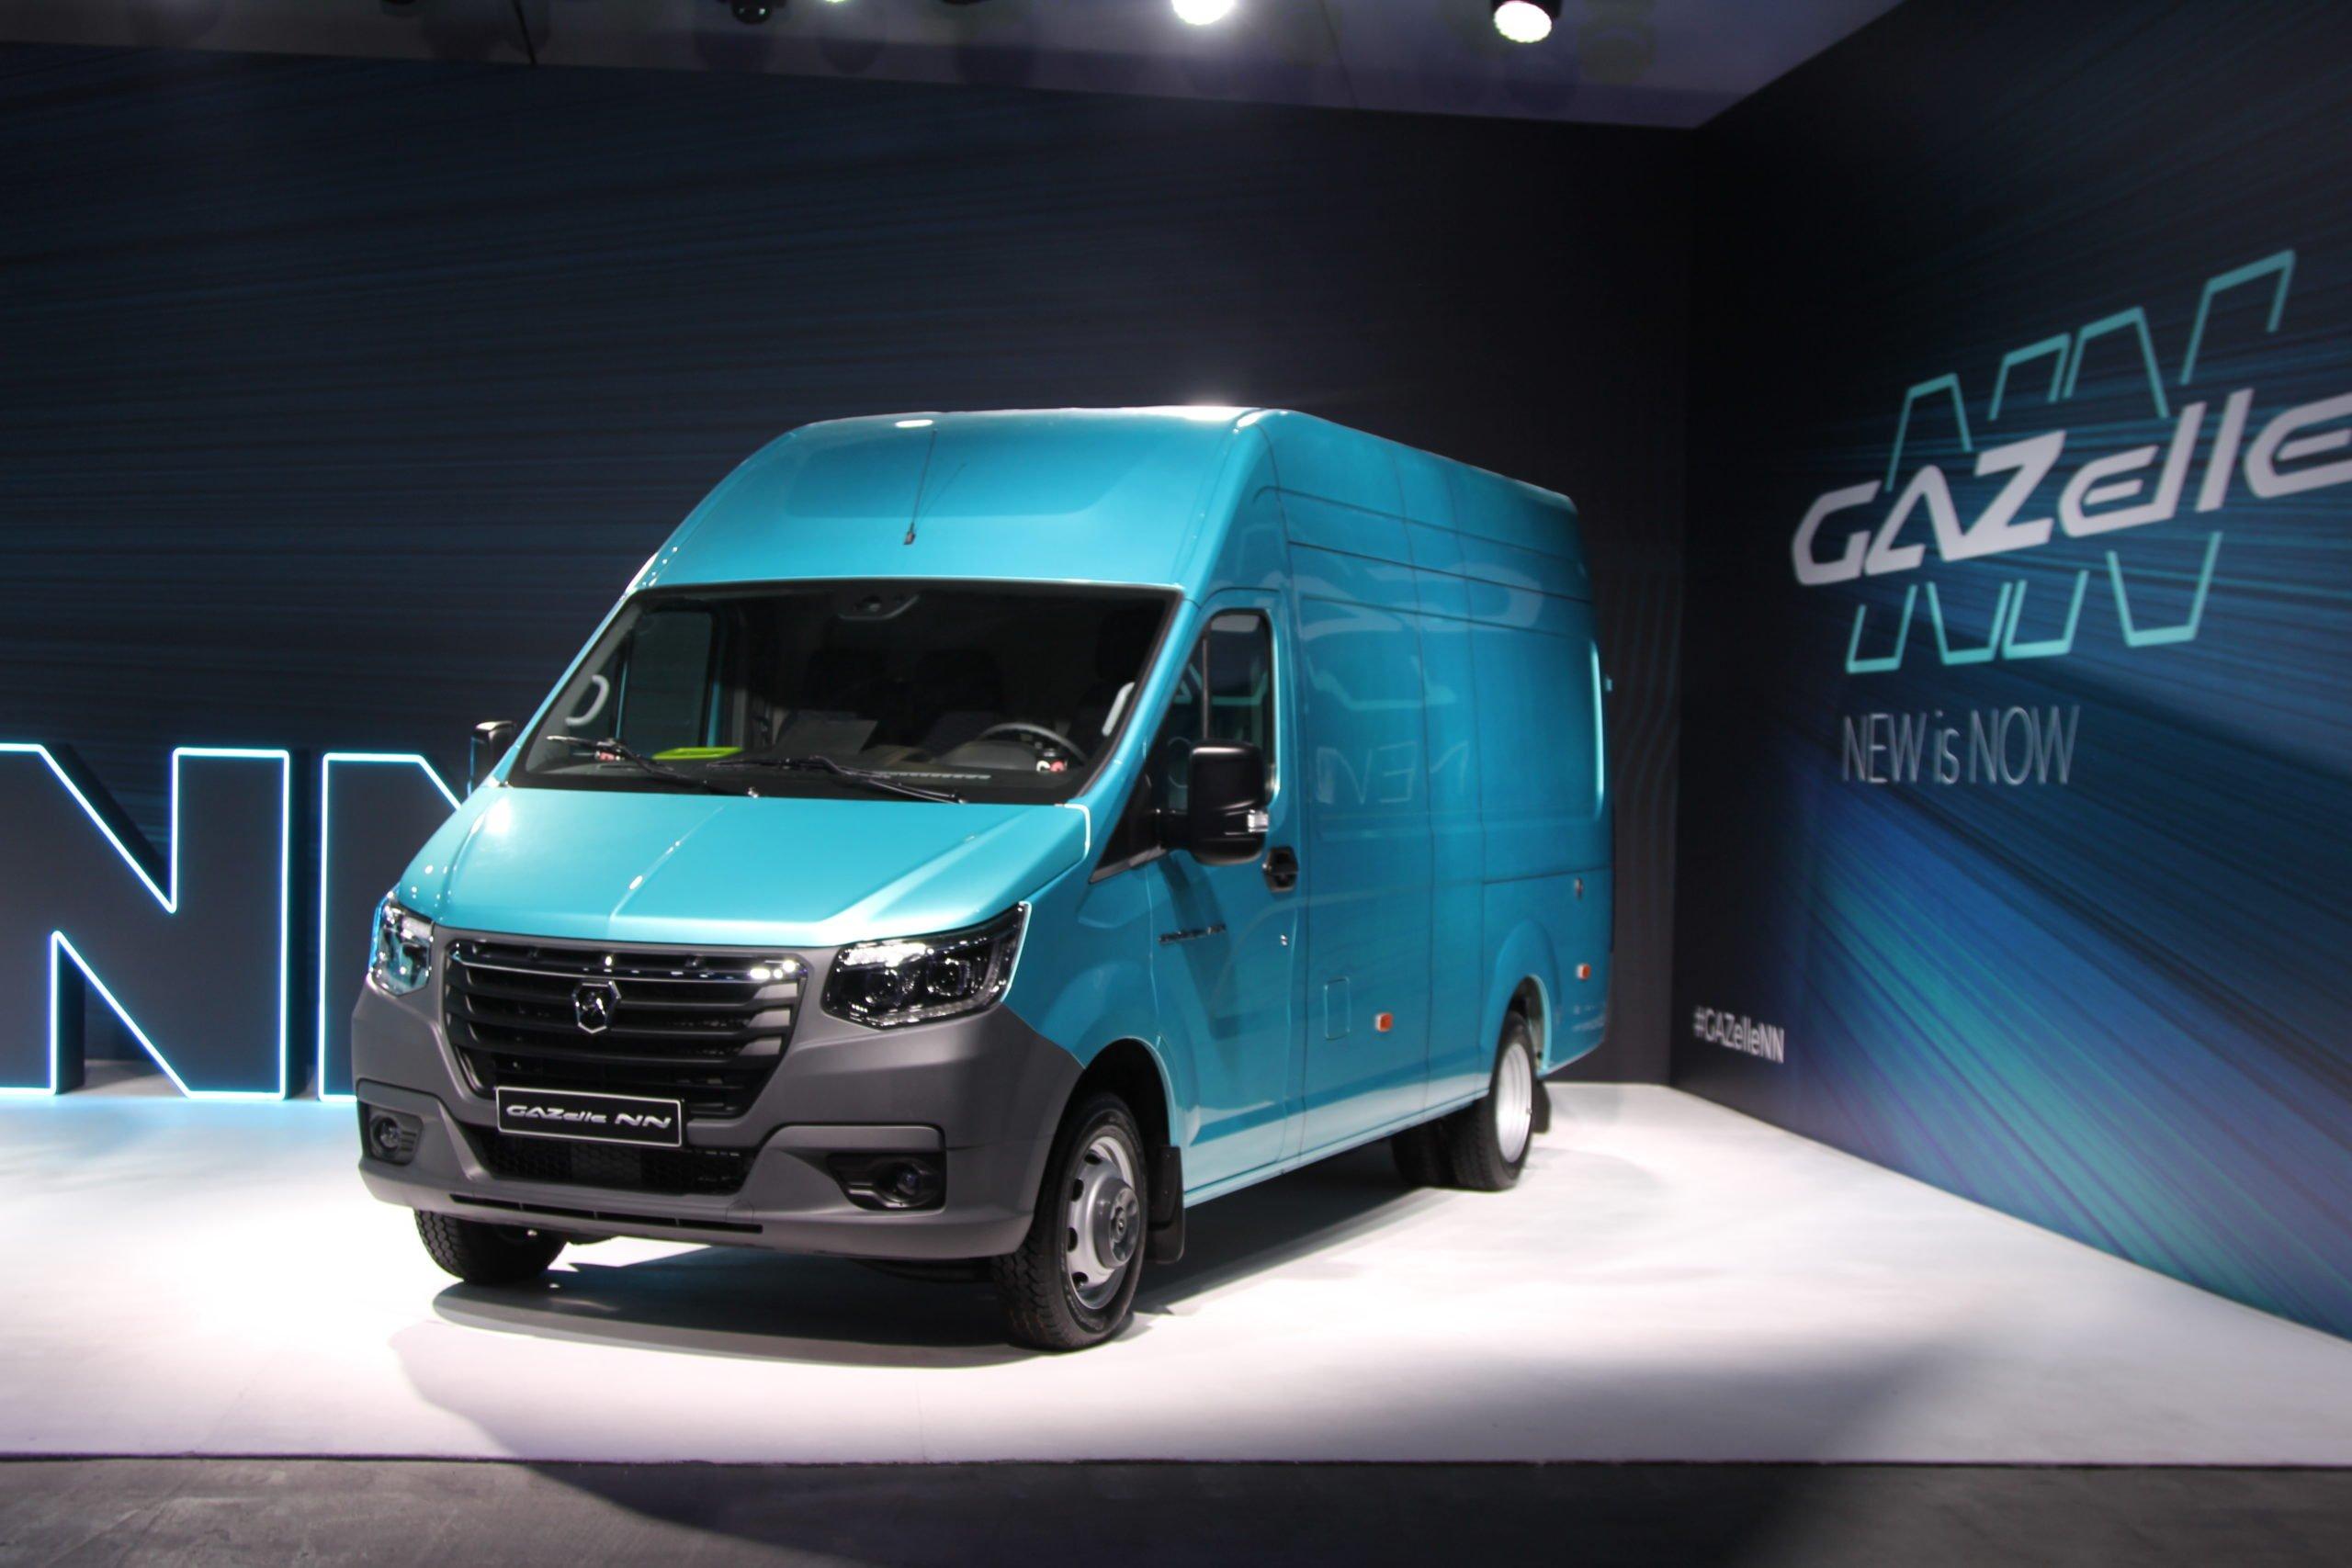 В России объявлен старт приема заказов на новый коммерческий автомобиль «Газель NN»